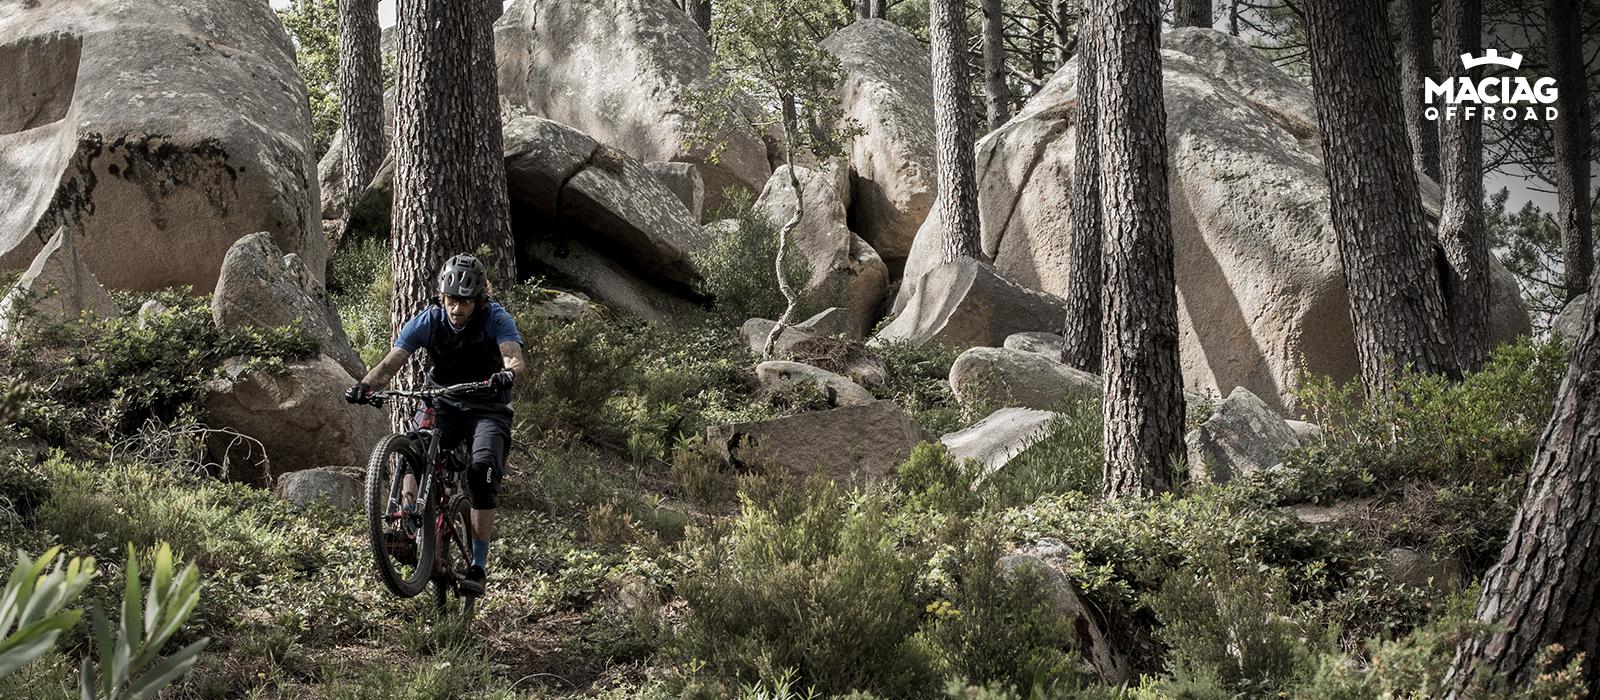 ION Mountainbike 2018 Bikewear Wallpaper